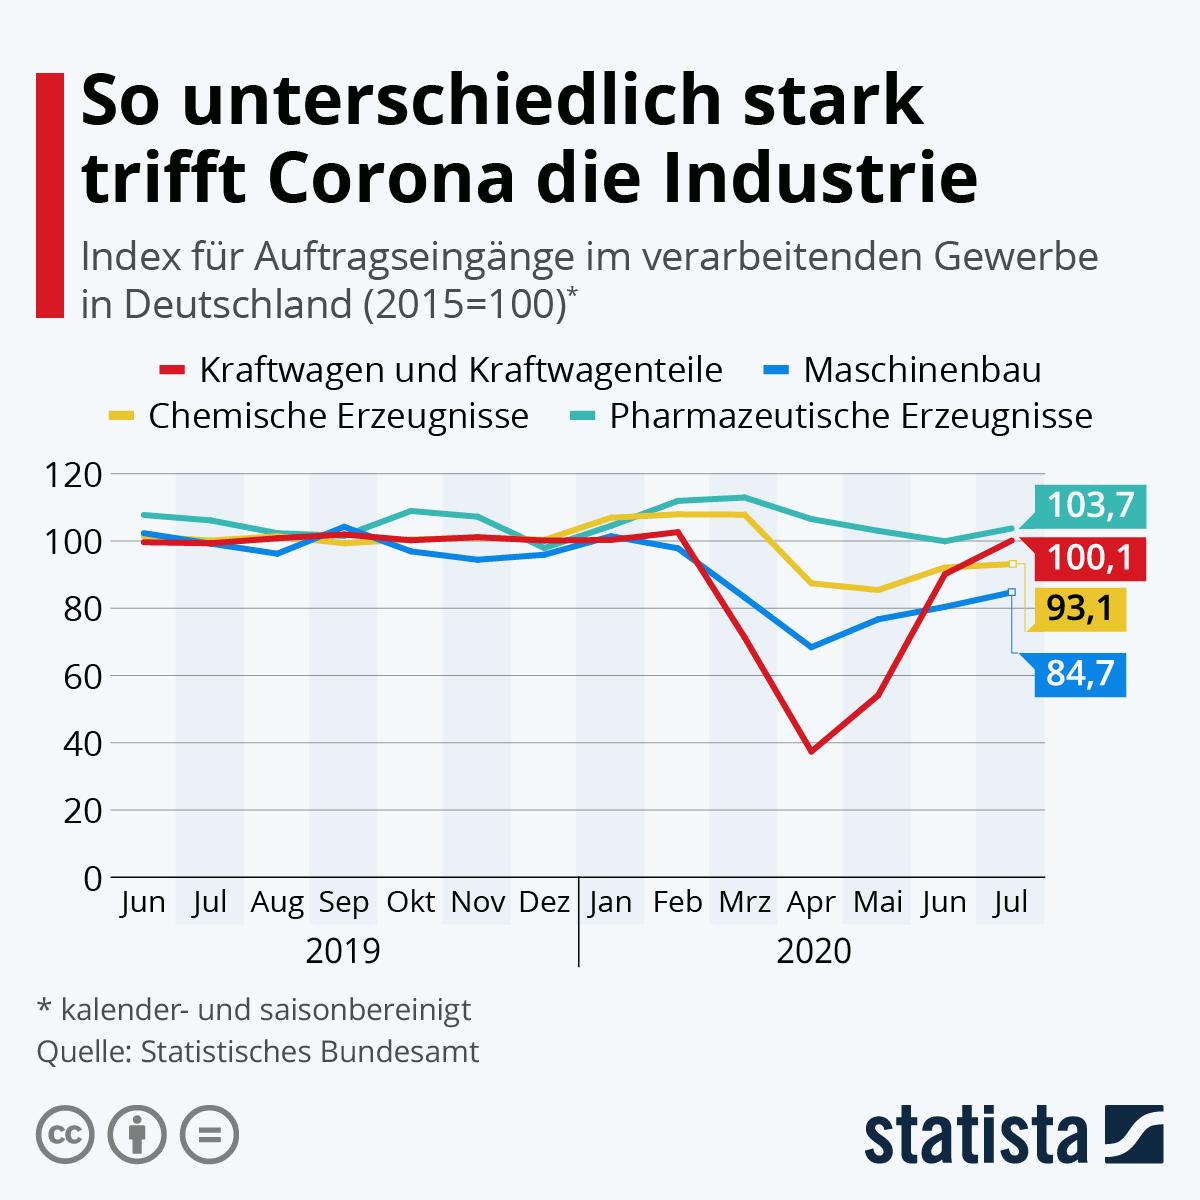 So unterschiedlich stark trifft Corona die Industrie | Statista